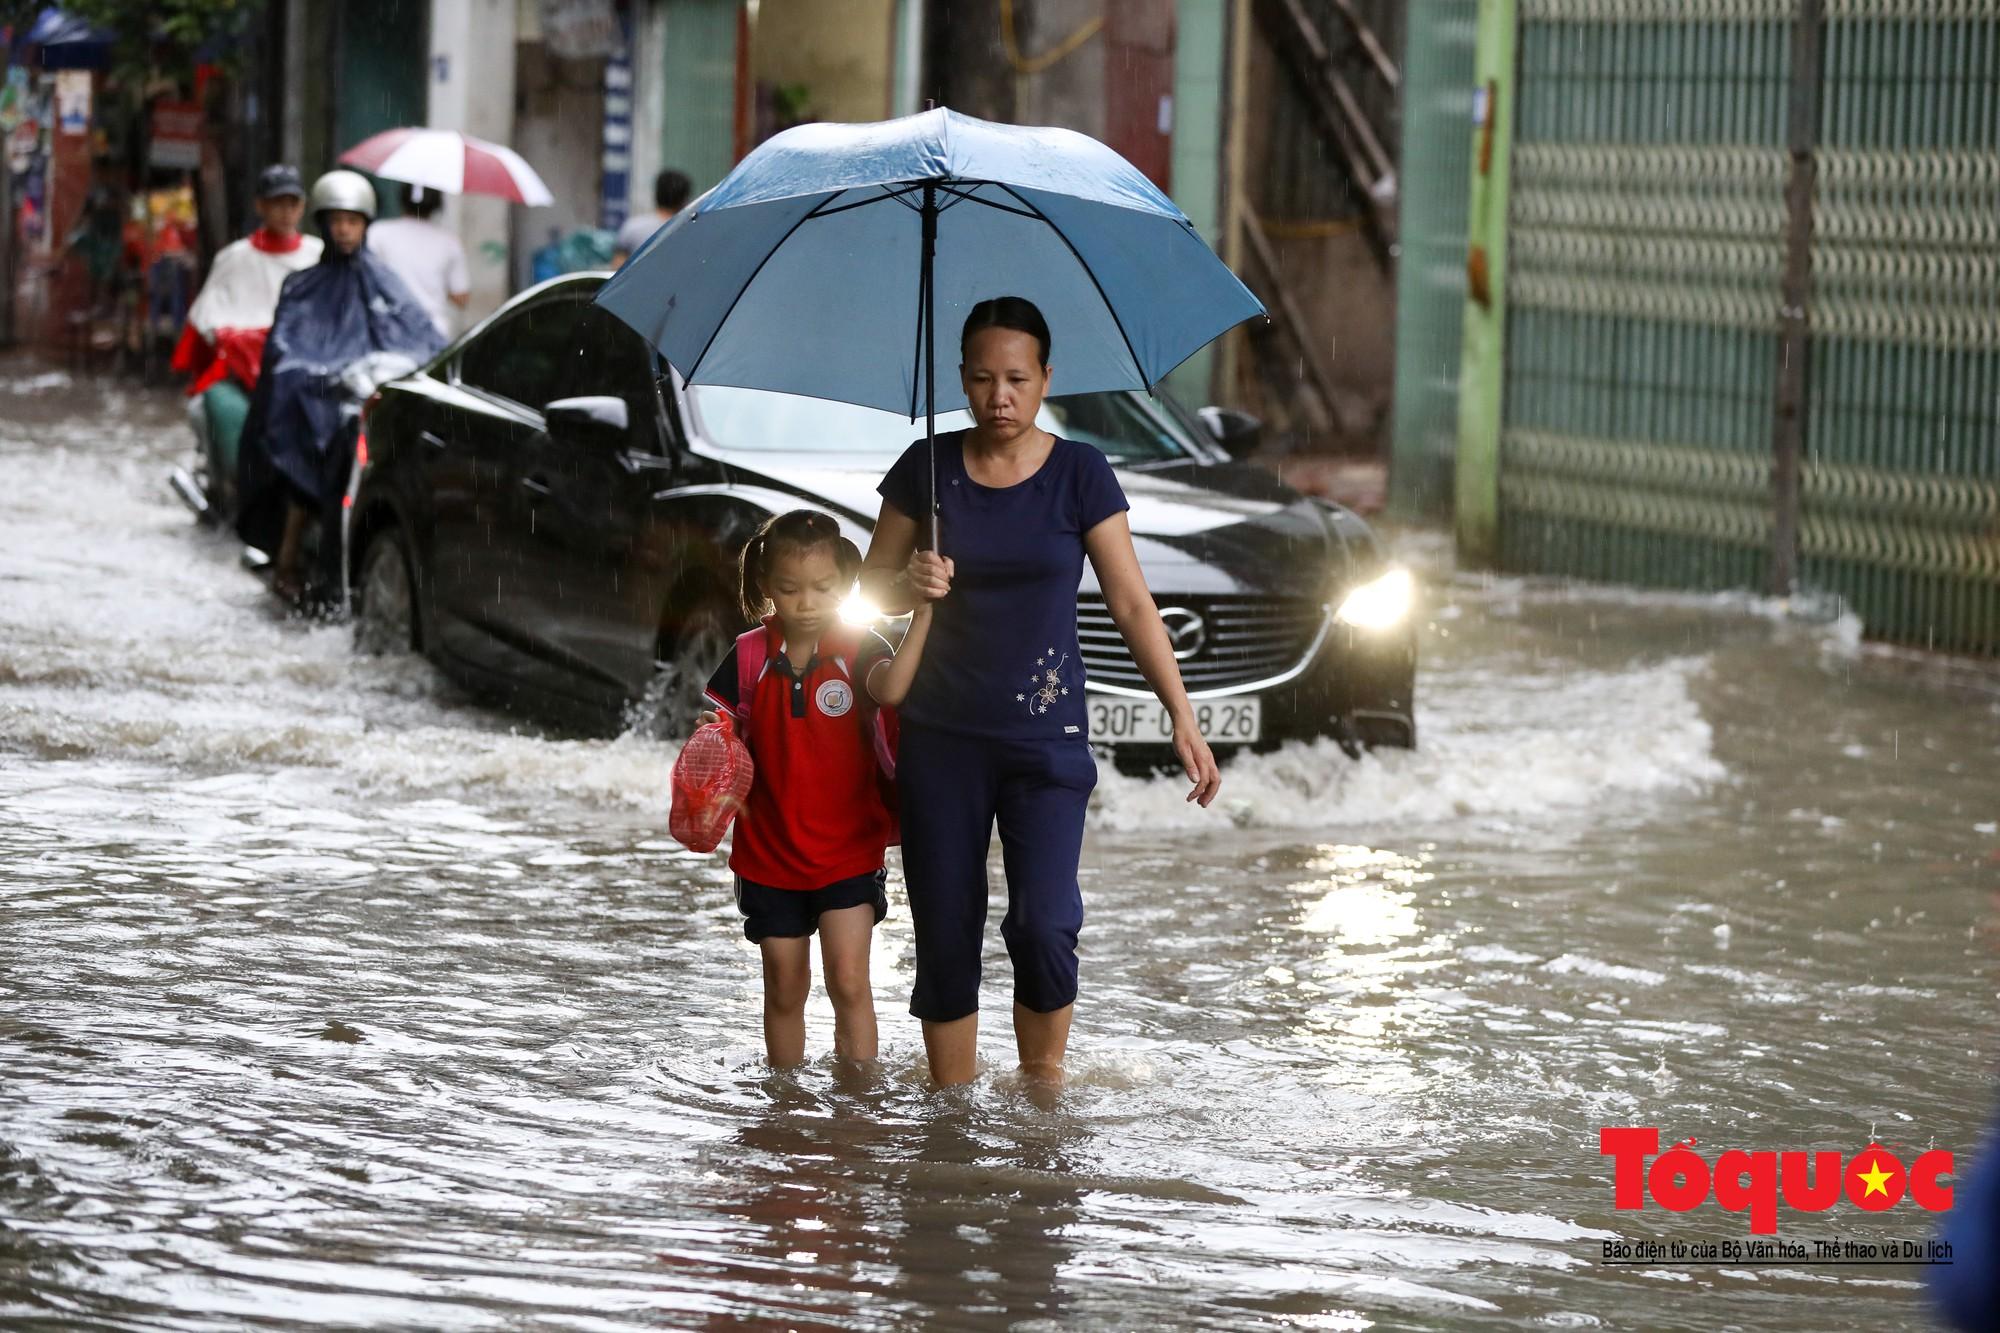 Hình ảnh xưa nay hiếm ở Thủ đô Hà Nội  cha mẹ cõng con vượt sông trong phố đến trường1